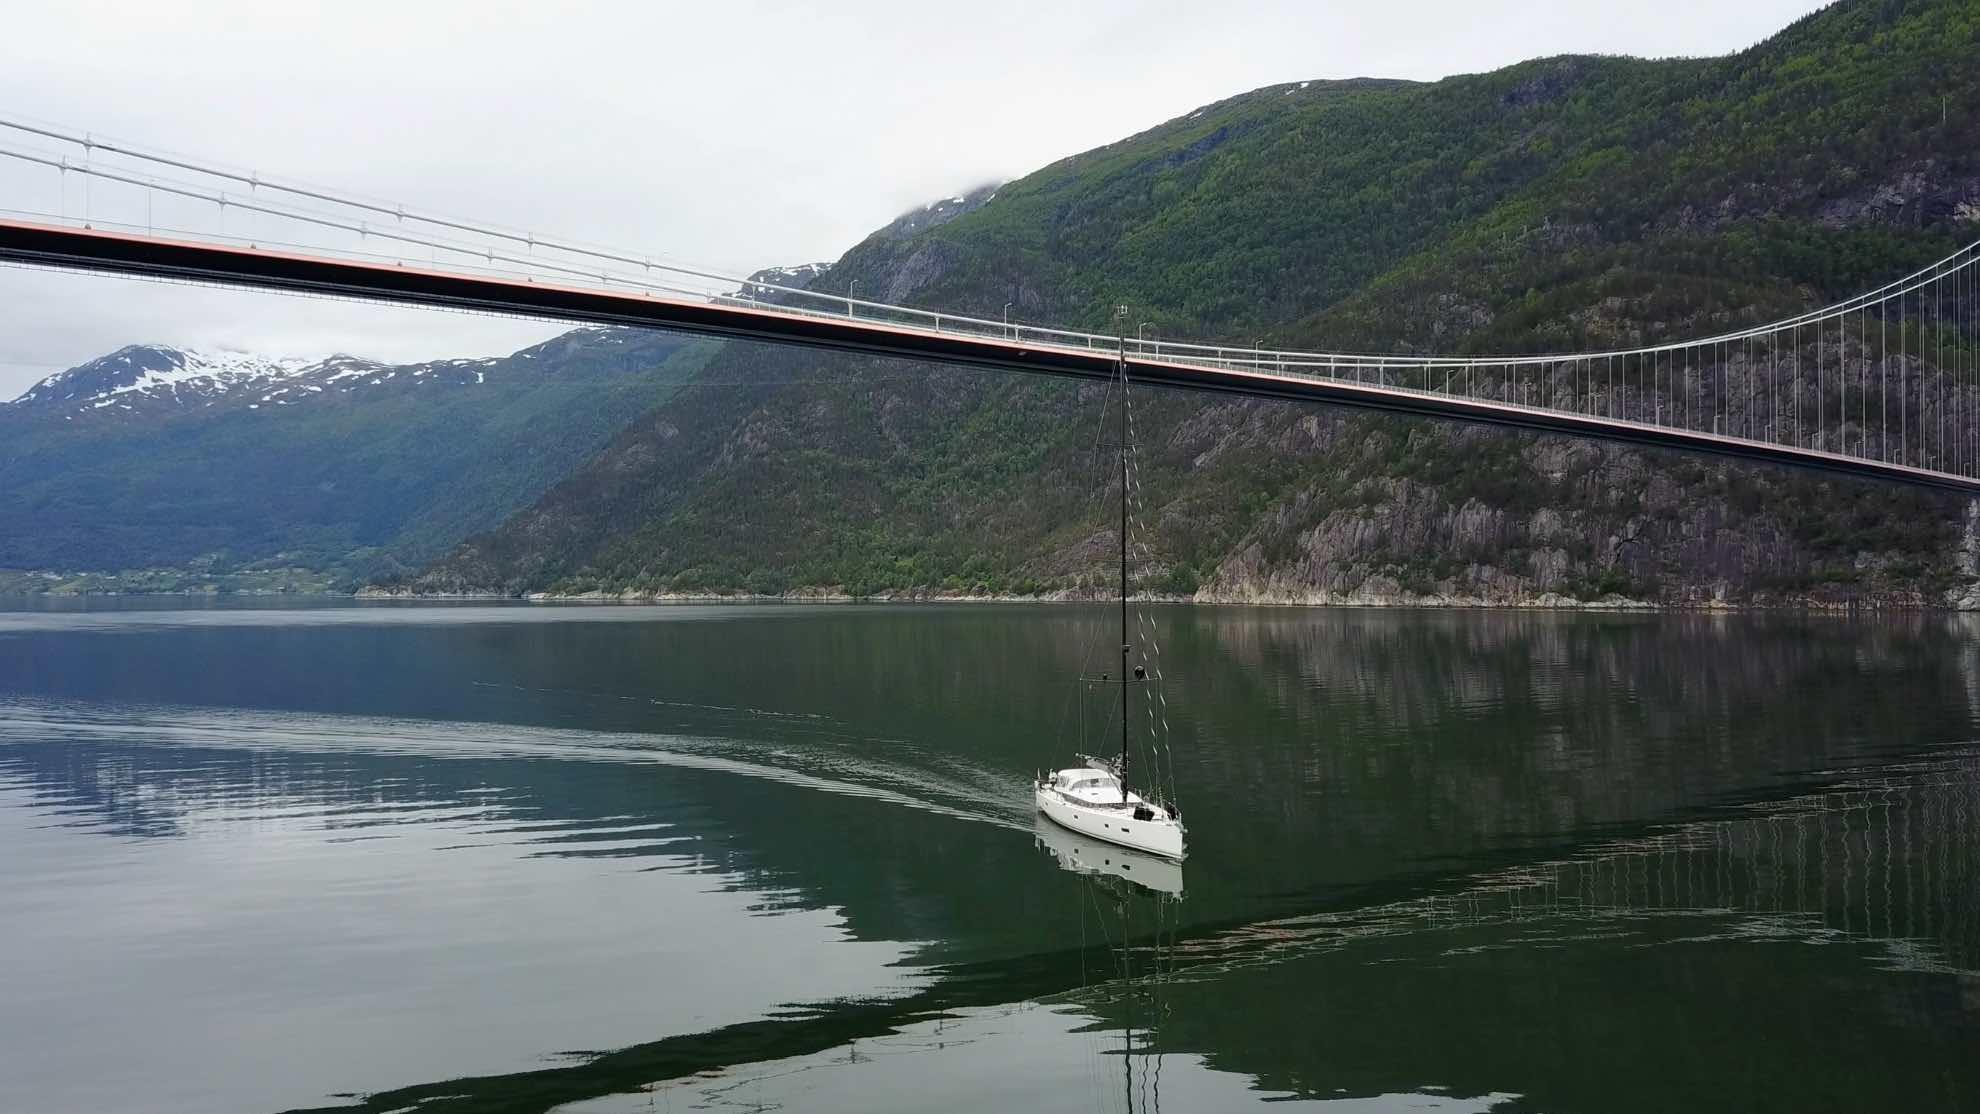 Etwa 34 Meter ragt unser Rigg in die Höhe, 55 Meter Platz sind unter der Brücke – passt